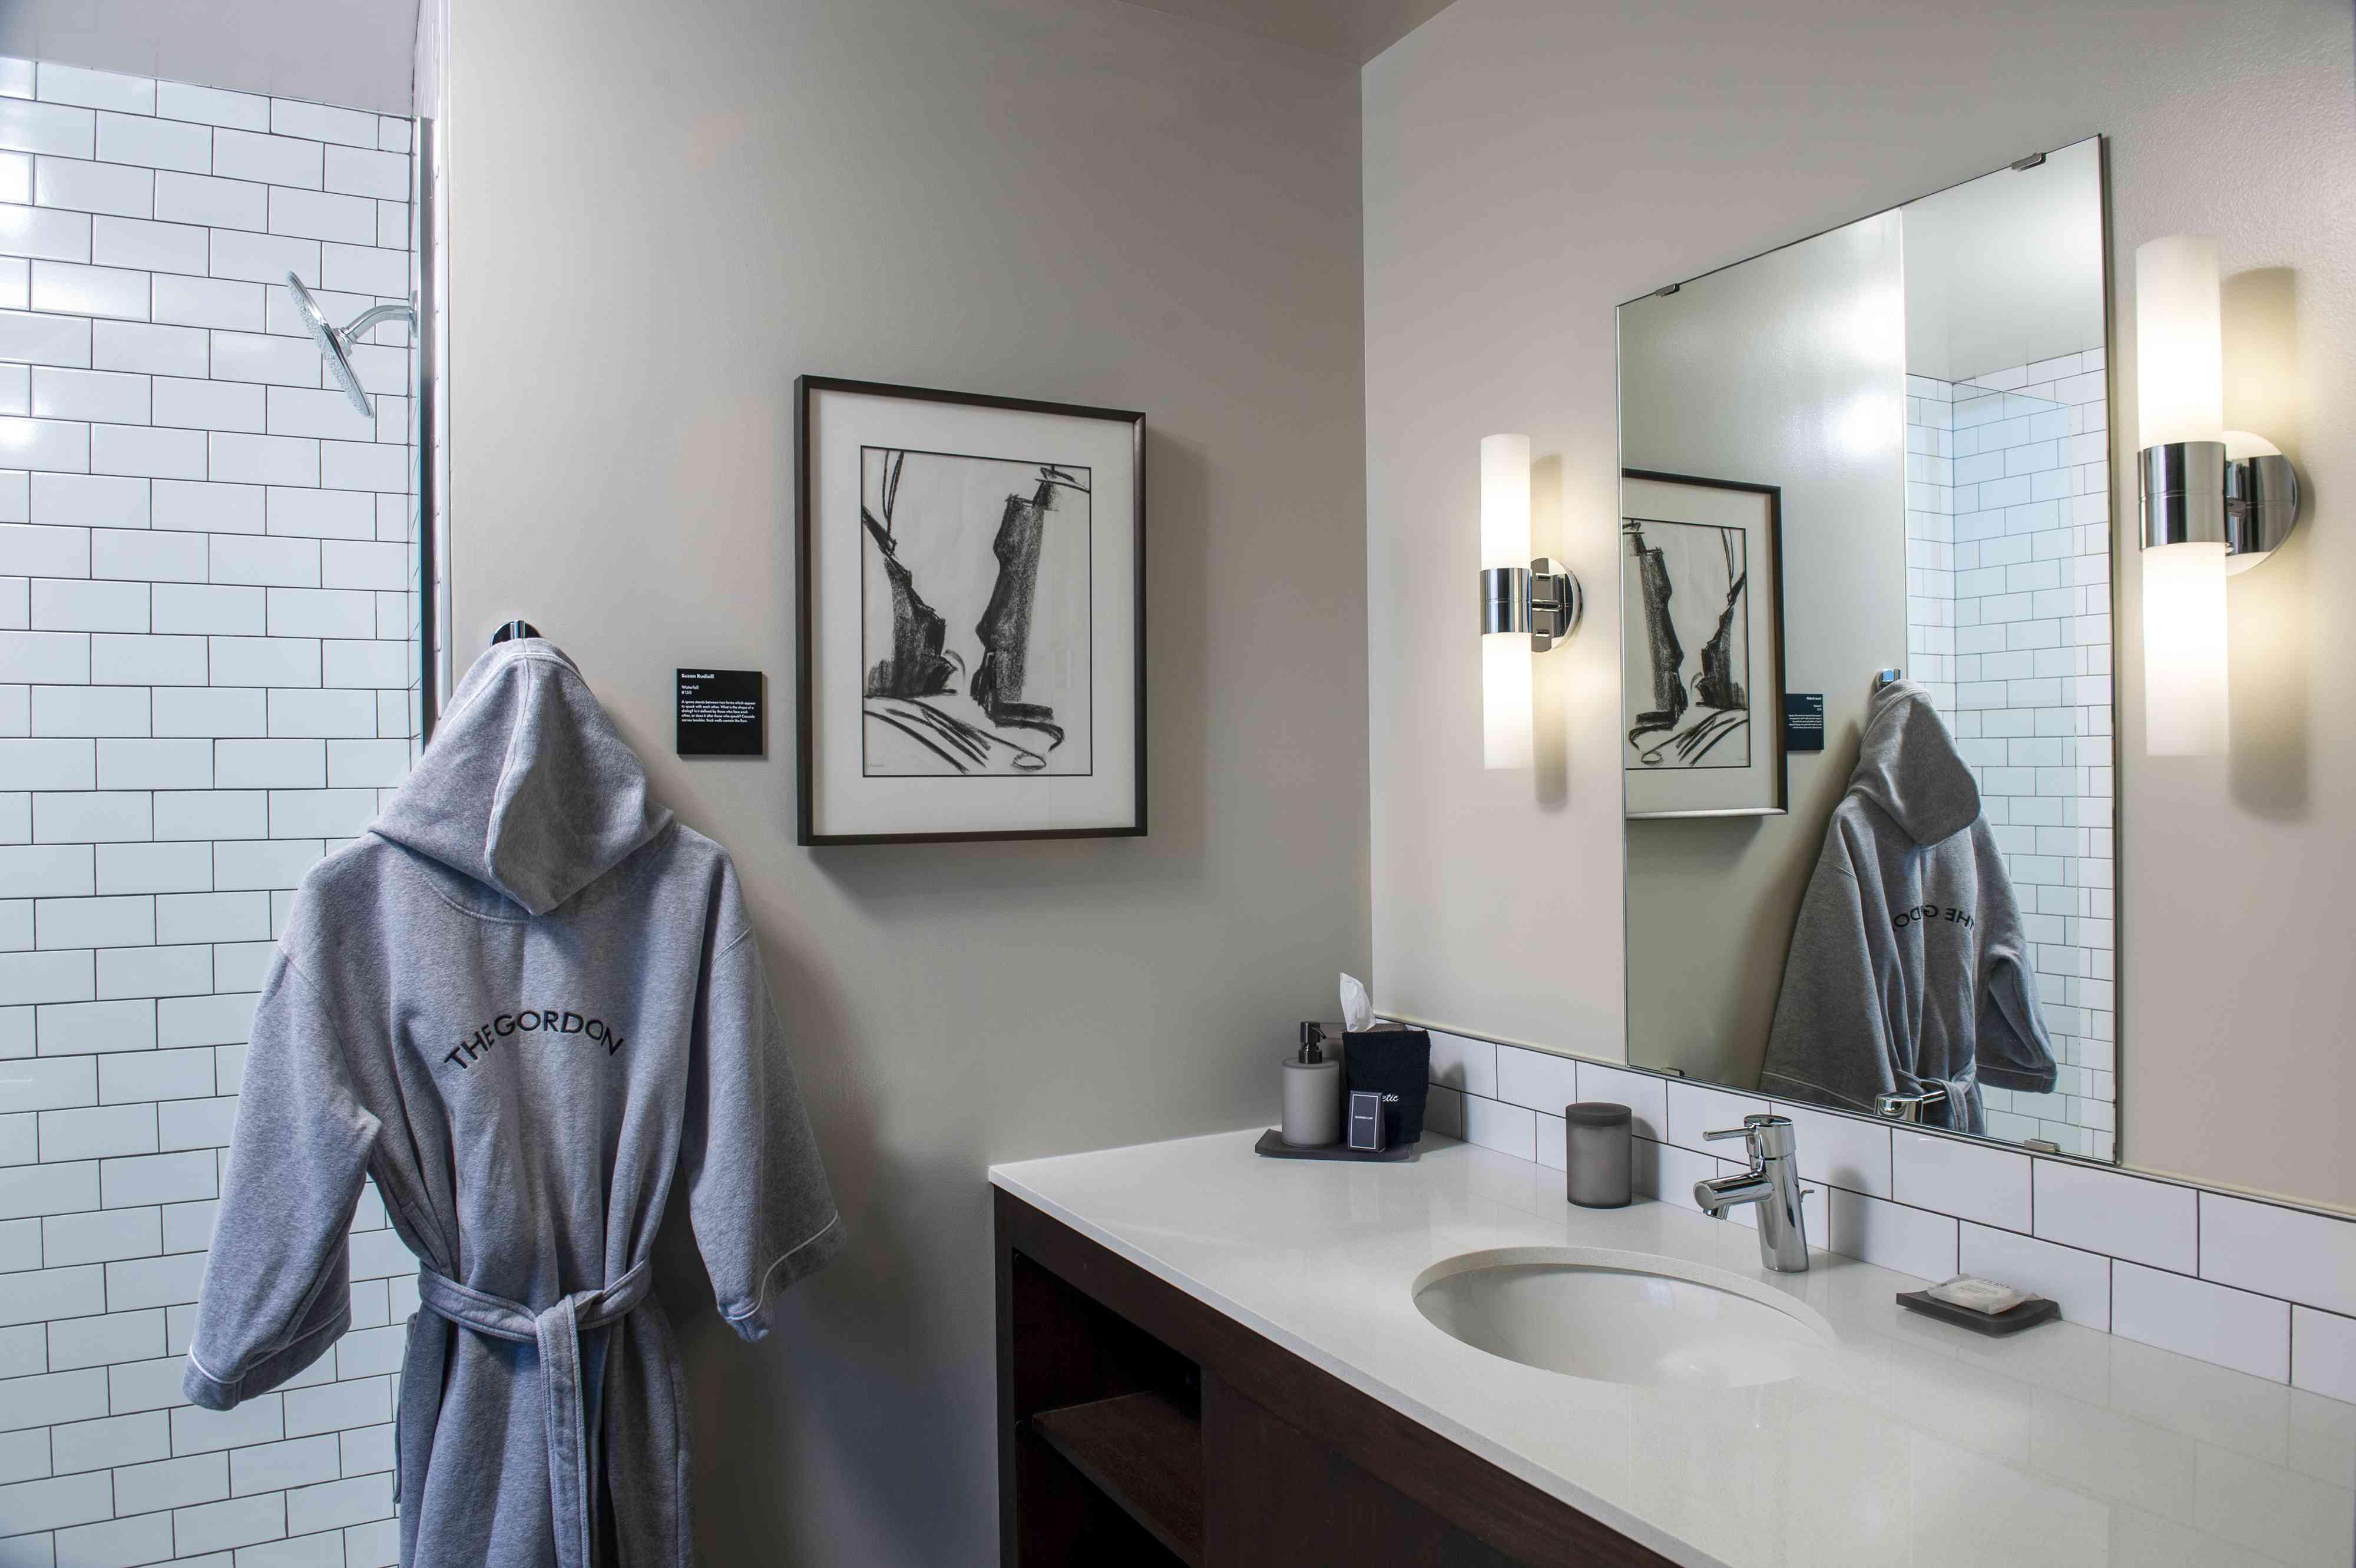 Gordon Hotel bathroom